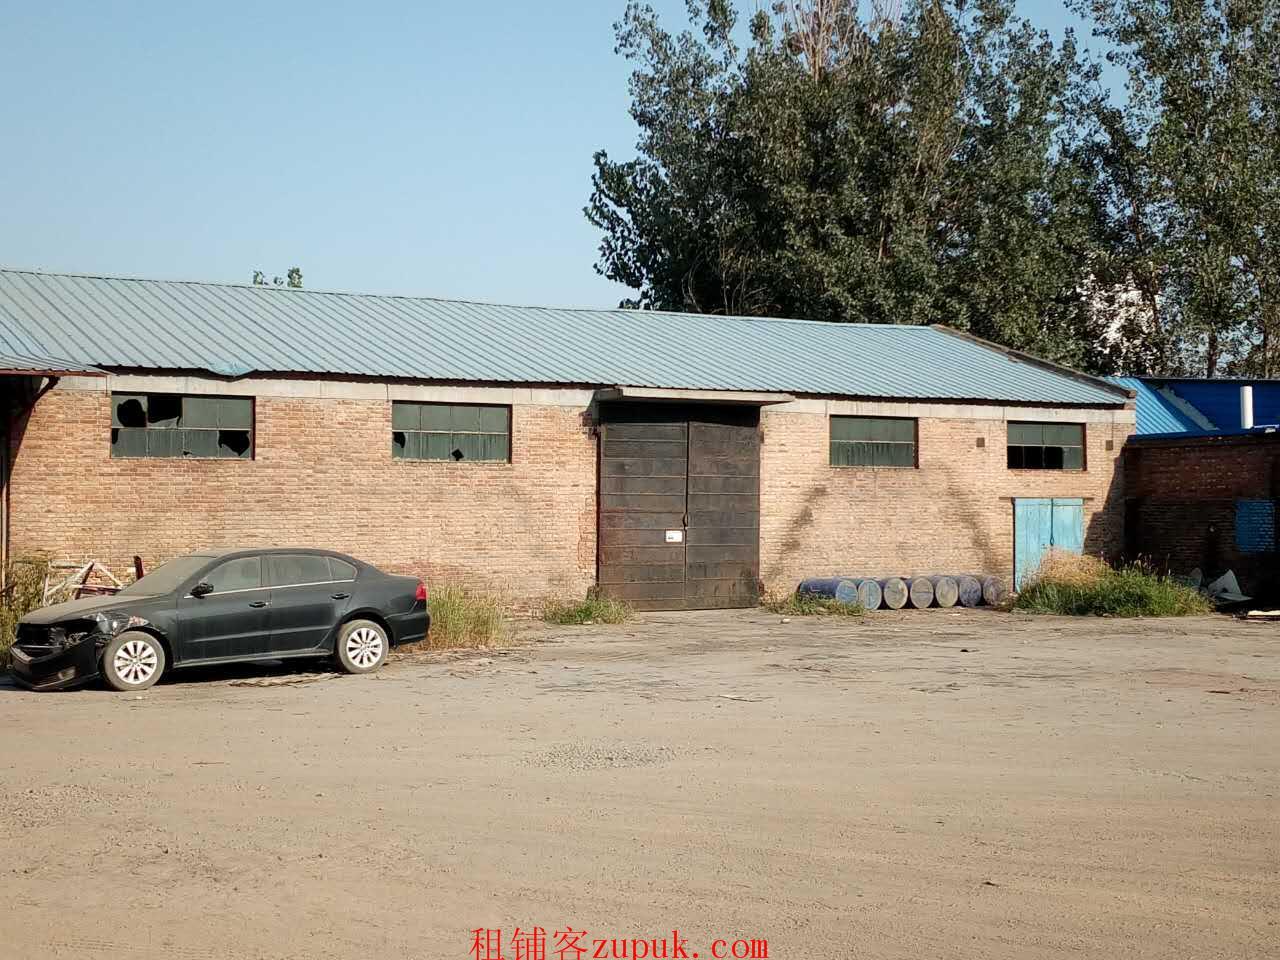 出租长安土贤庄厂房 有修车设备 可做厂房库房